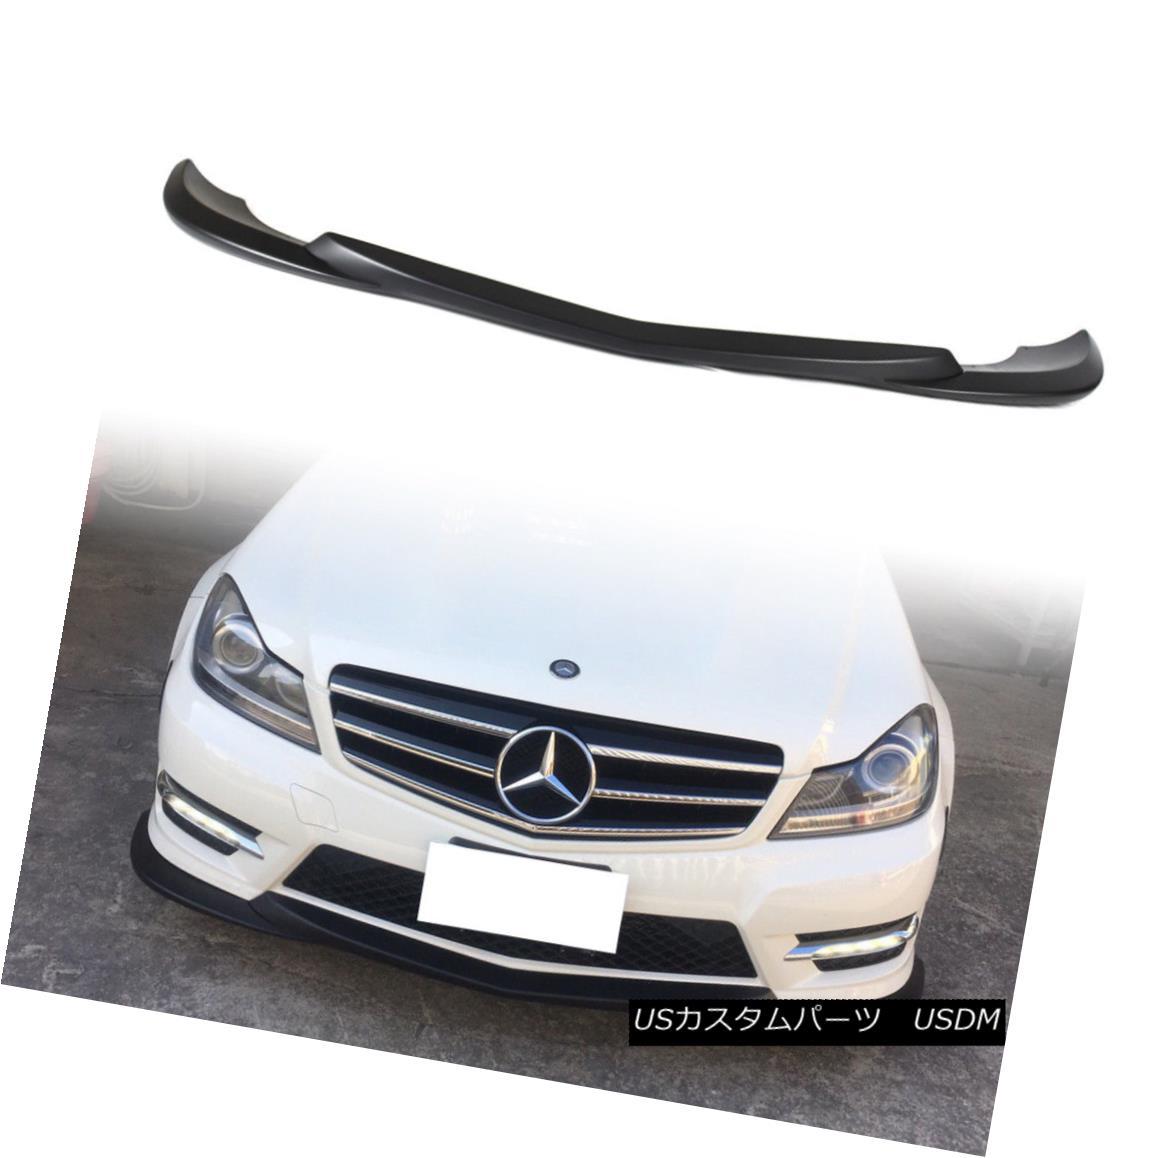 エアロパーツ New Matt Black Godhand Bumper Front Lip Spoiler For Mercedes BENZ W204 Facelift 新しいマットブラックゴッドハンドバンパーフロントリップスポイラーメルセデスBENZ W204 Facelift